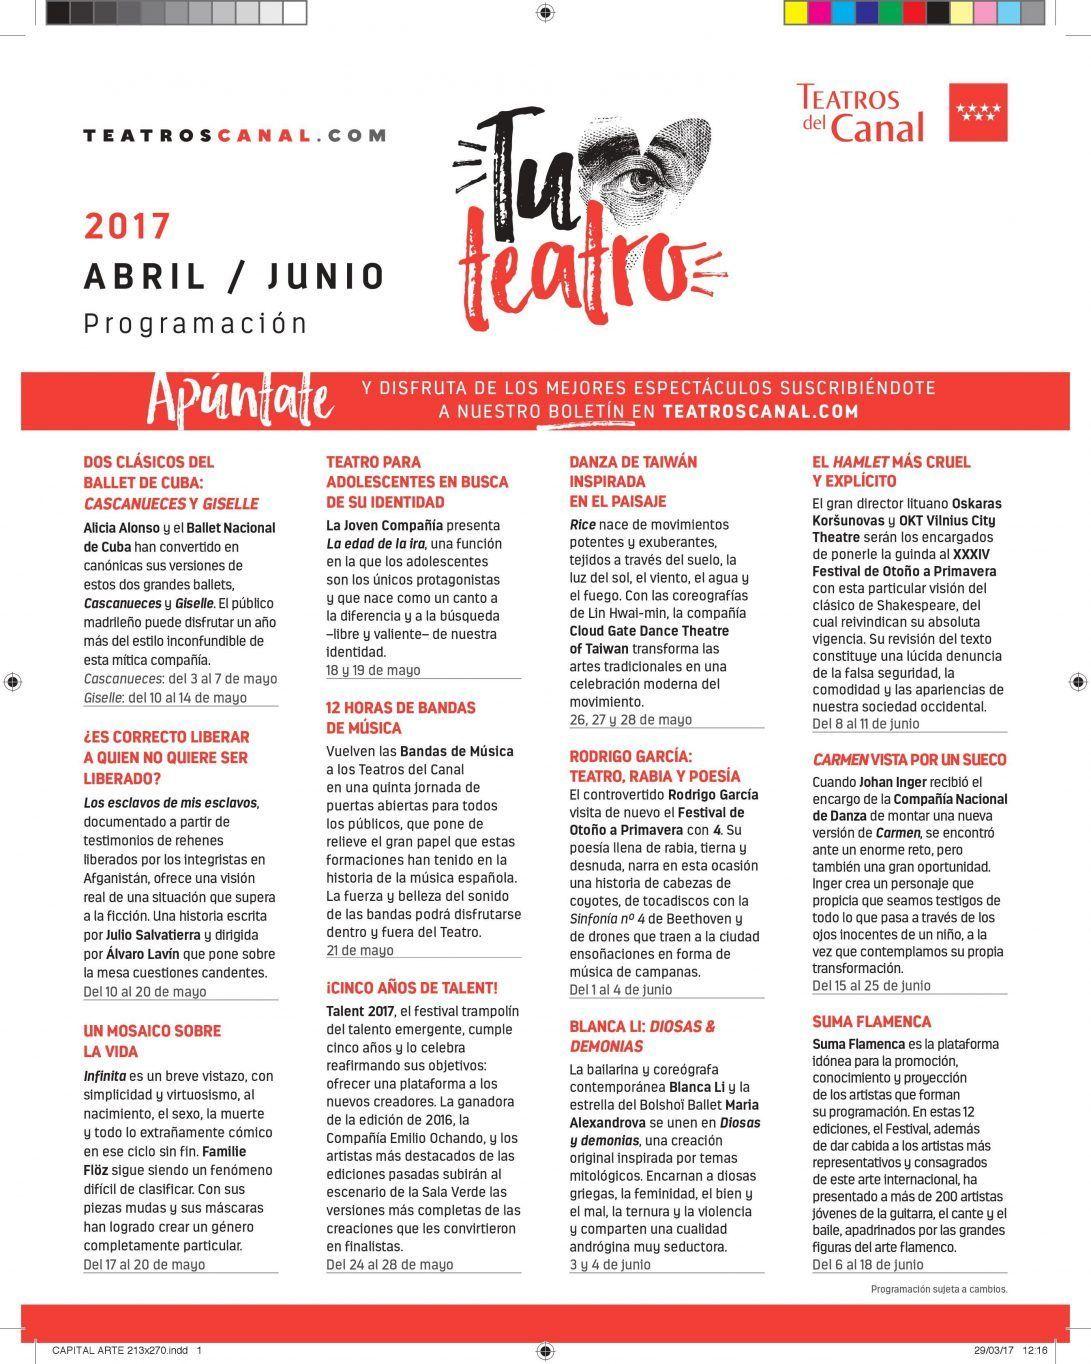 Wave On Media_Publicidad_Teatro Canal